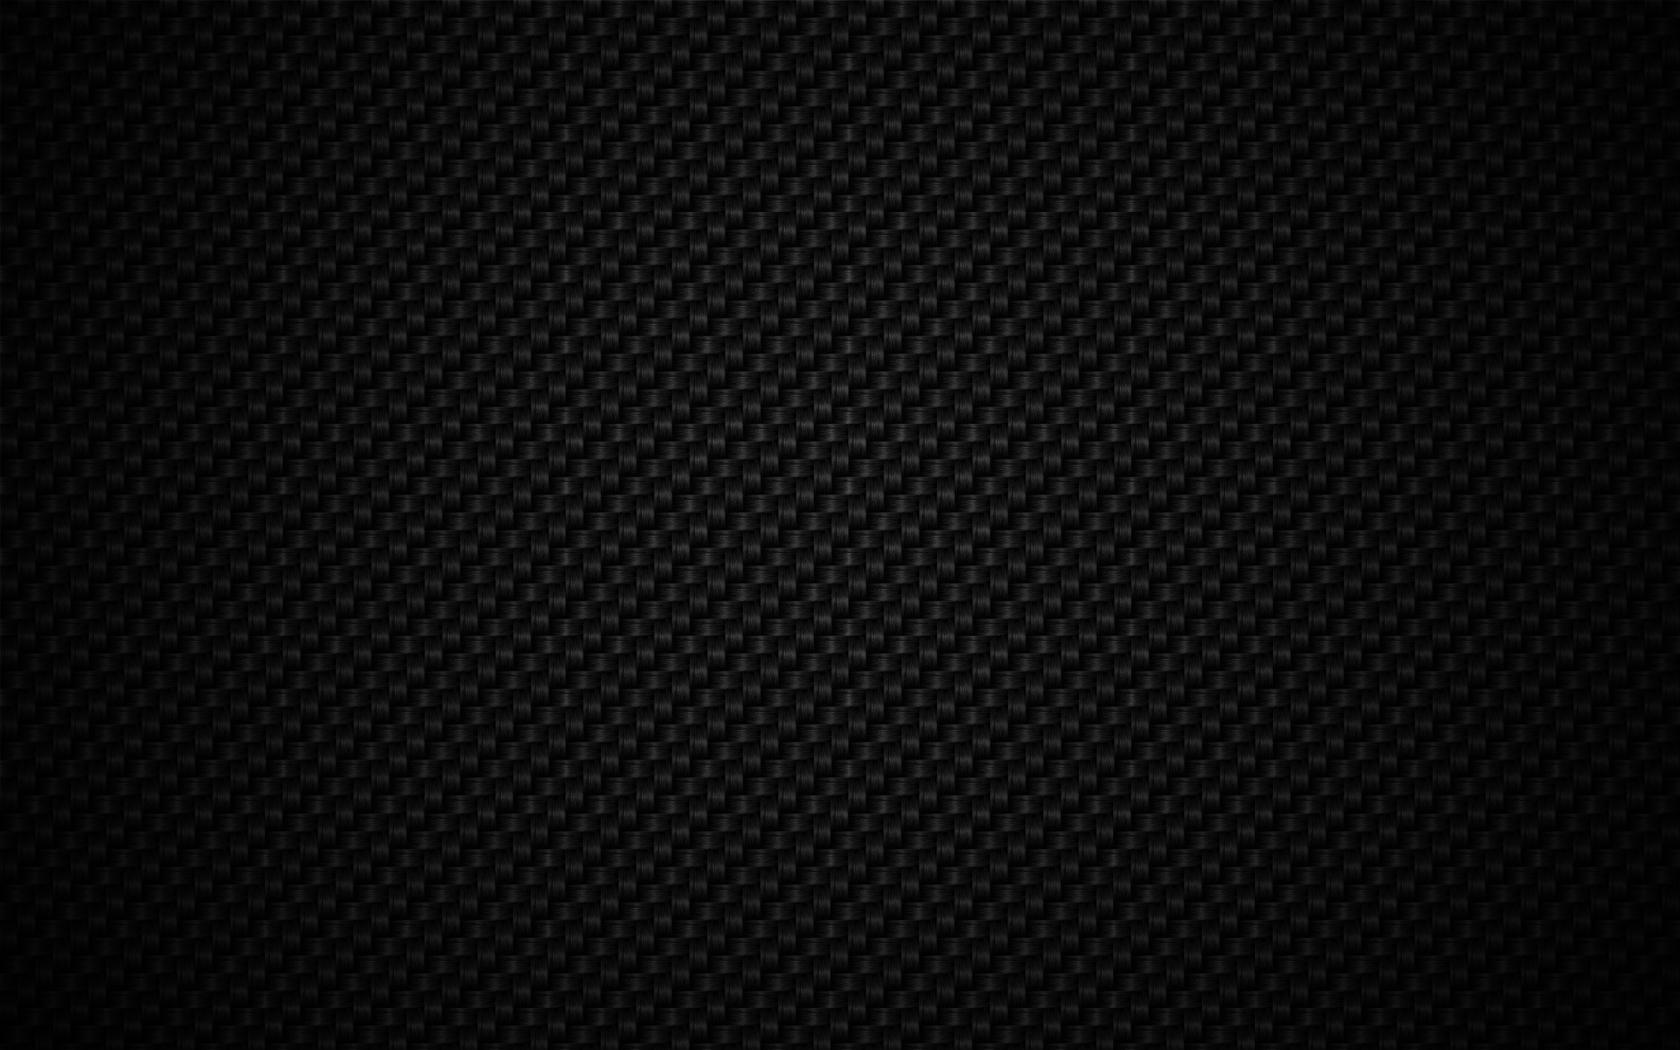 Carbon Fiber HD Wallpaper 1680x1050